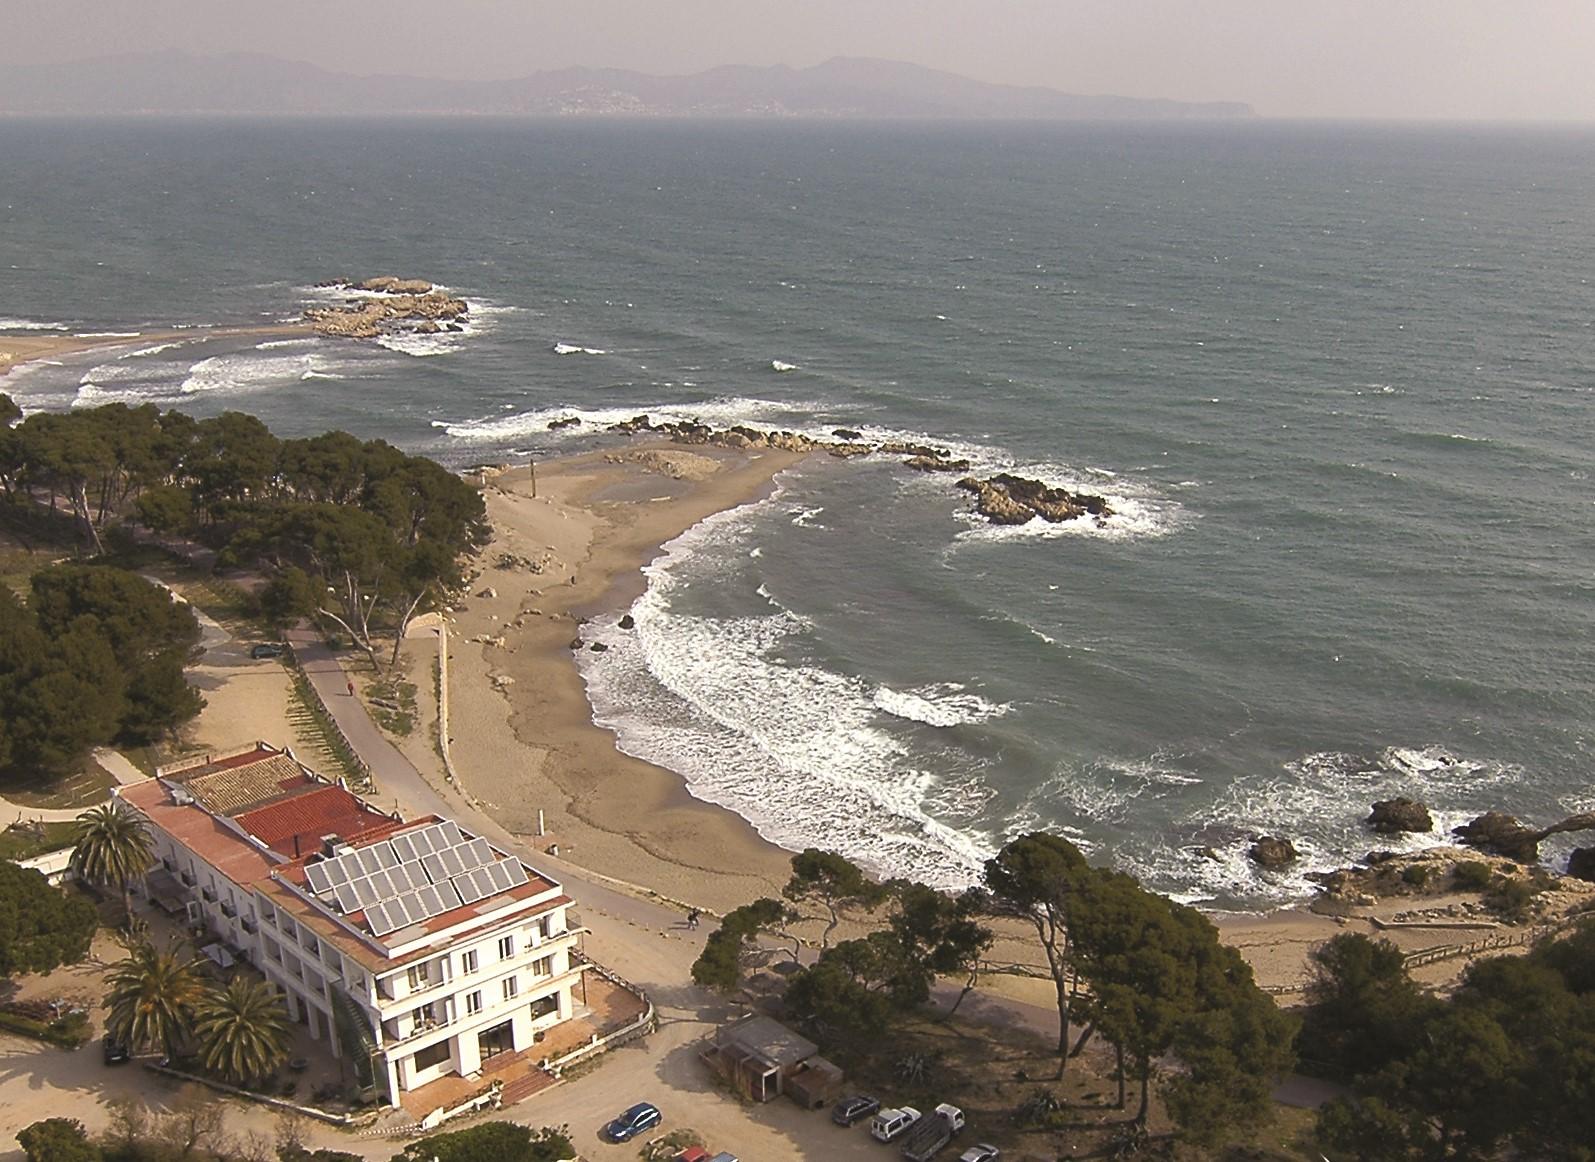 Portitxol Strand in Costa Brava